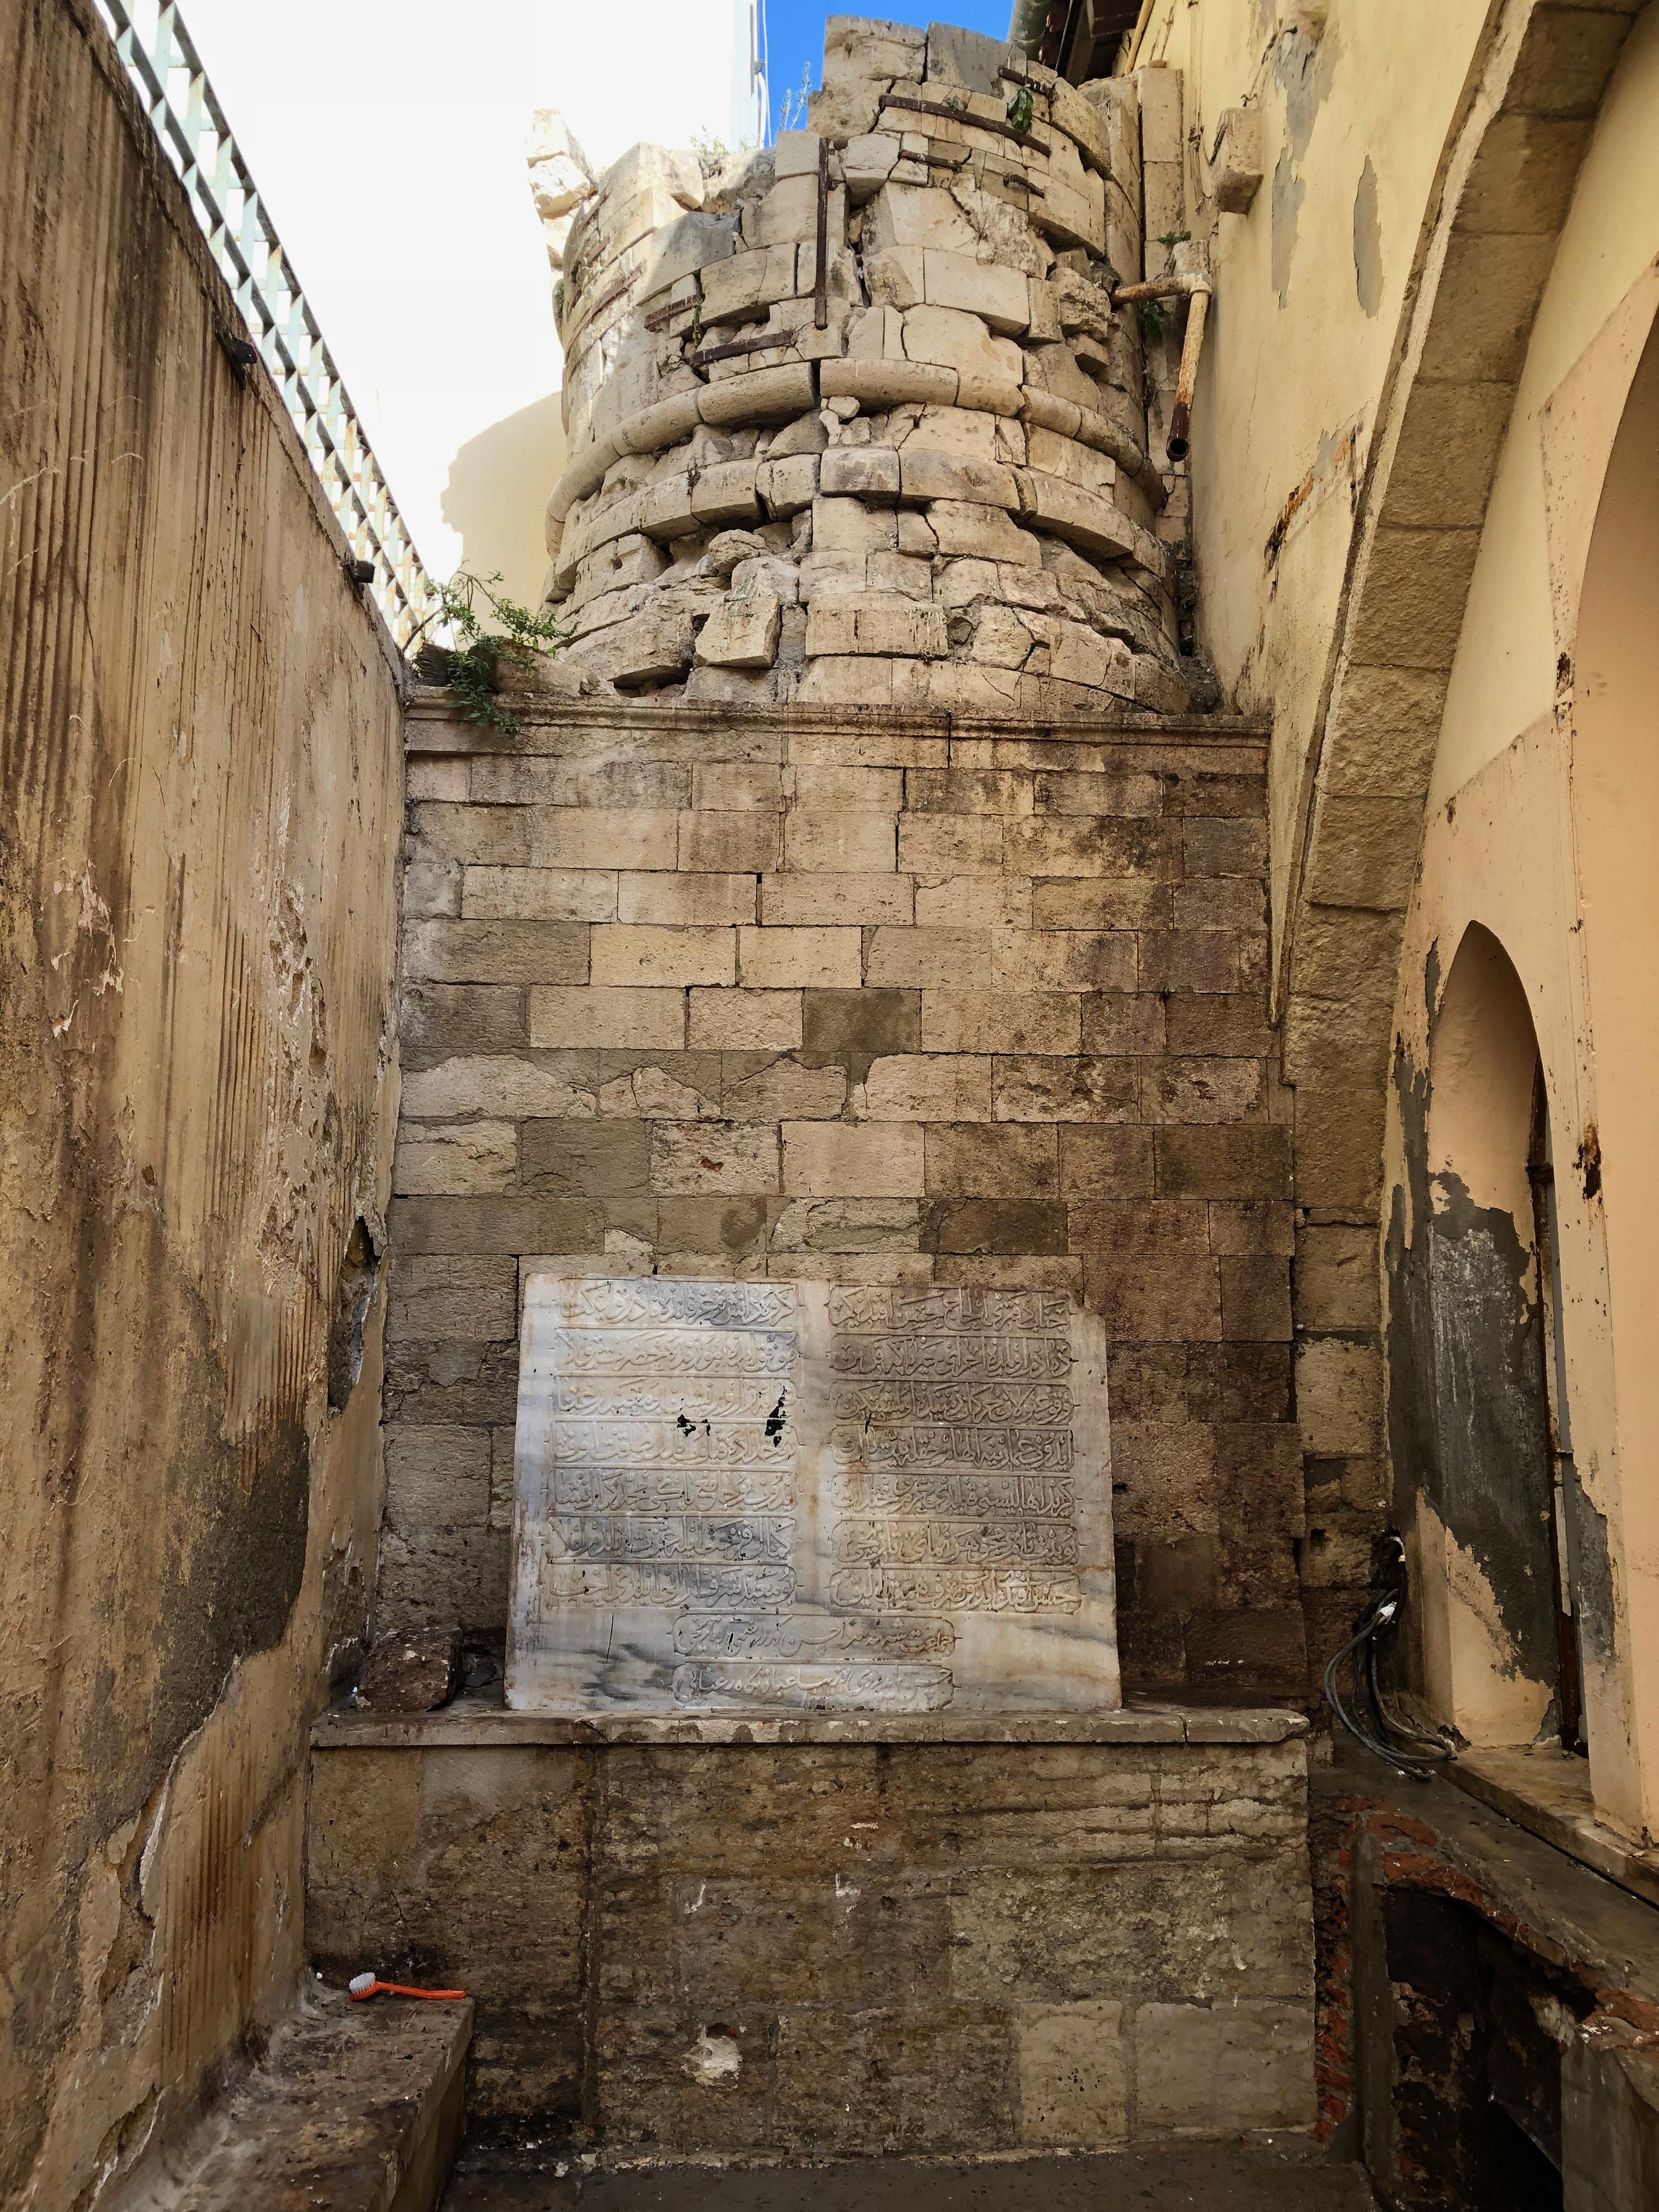 Βρέθηκε τουρκική επιγραφή στην Βασιλική του Αγίου Μάρκου-εικόνες